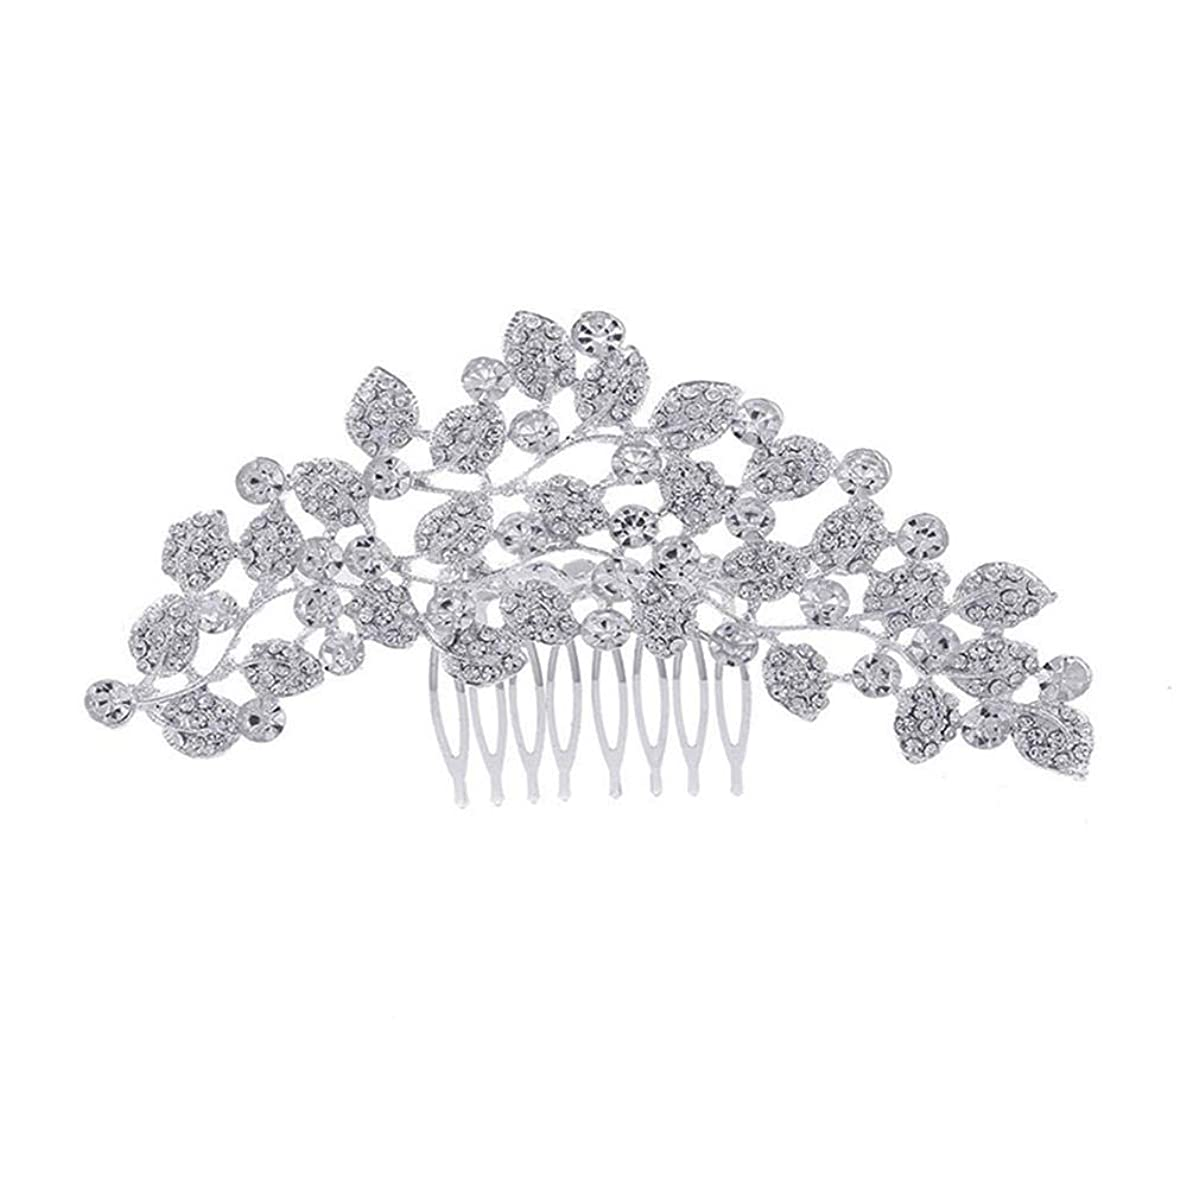 洞窟火曜日続編髪の櫛、櫛、ブライダル髪、櫛、髪の櫛、ラインストーンの櫛、葉の髪の櫛、結婚式の髪の櫛